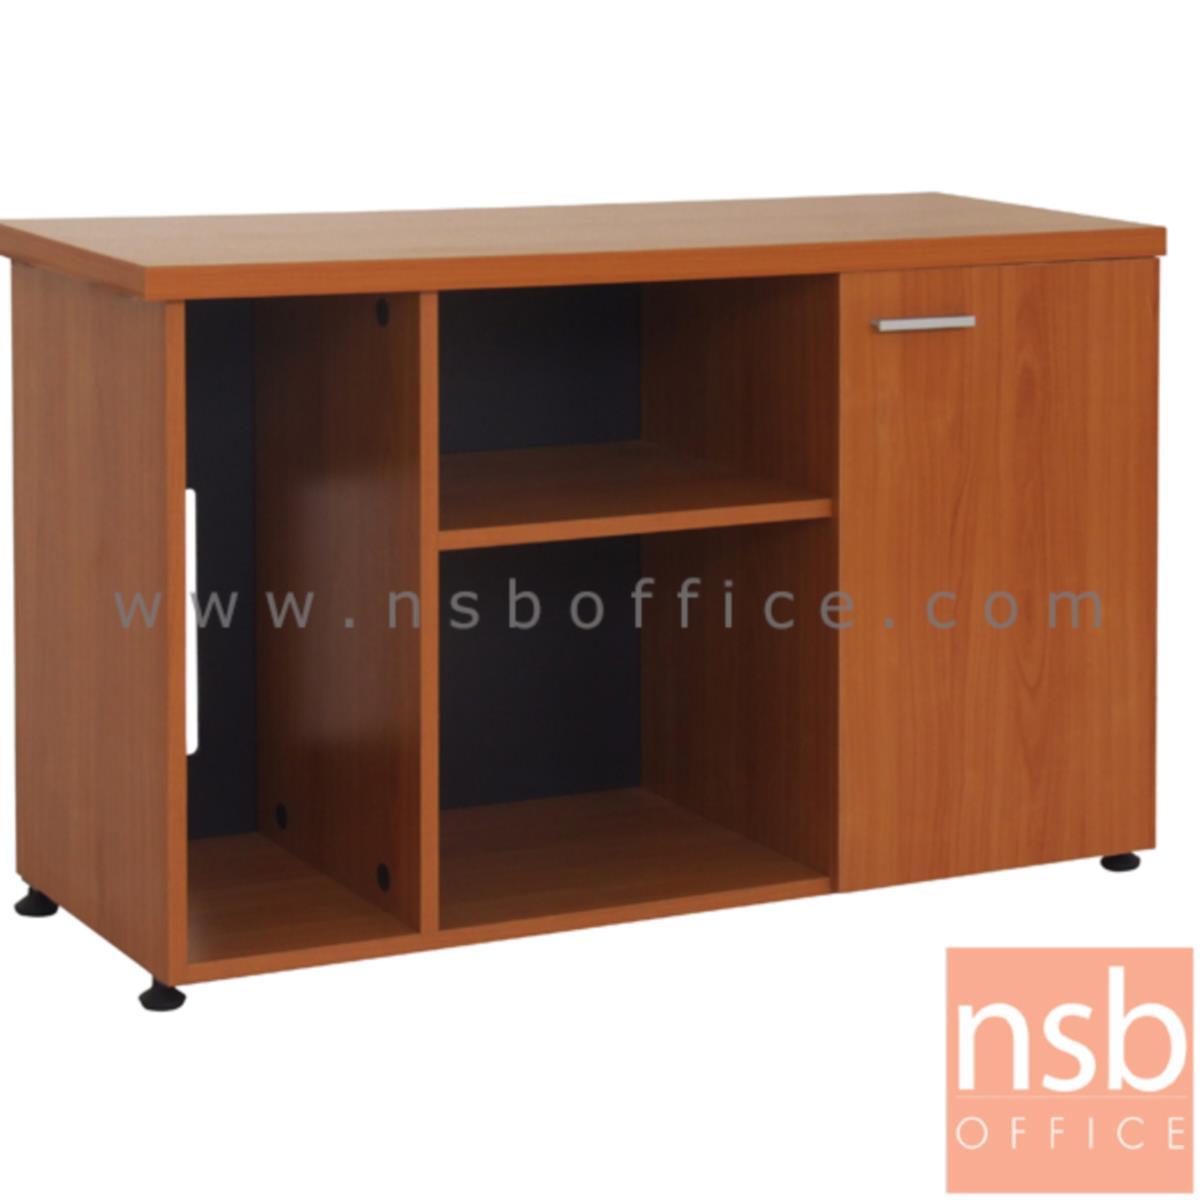 โต๊ะผู้บริหารตัวแอล  รุ่น TIP  ขนาด 180W1*89W2 cm. พร้อมตู้ข้างและลิ้นชักล้อเลื่อน สีเชอร์รี่-ดำ